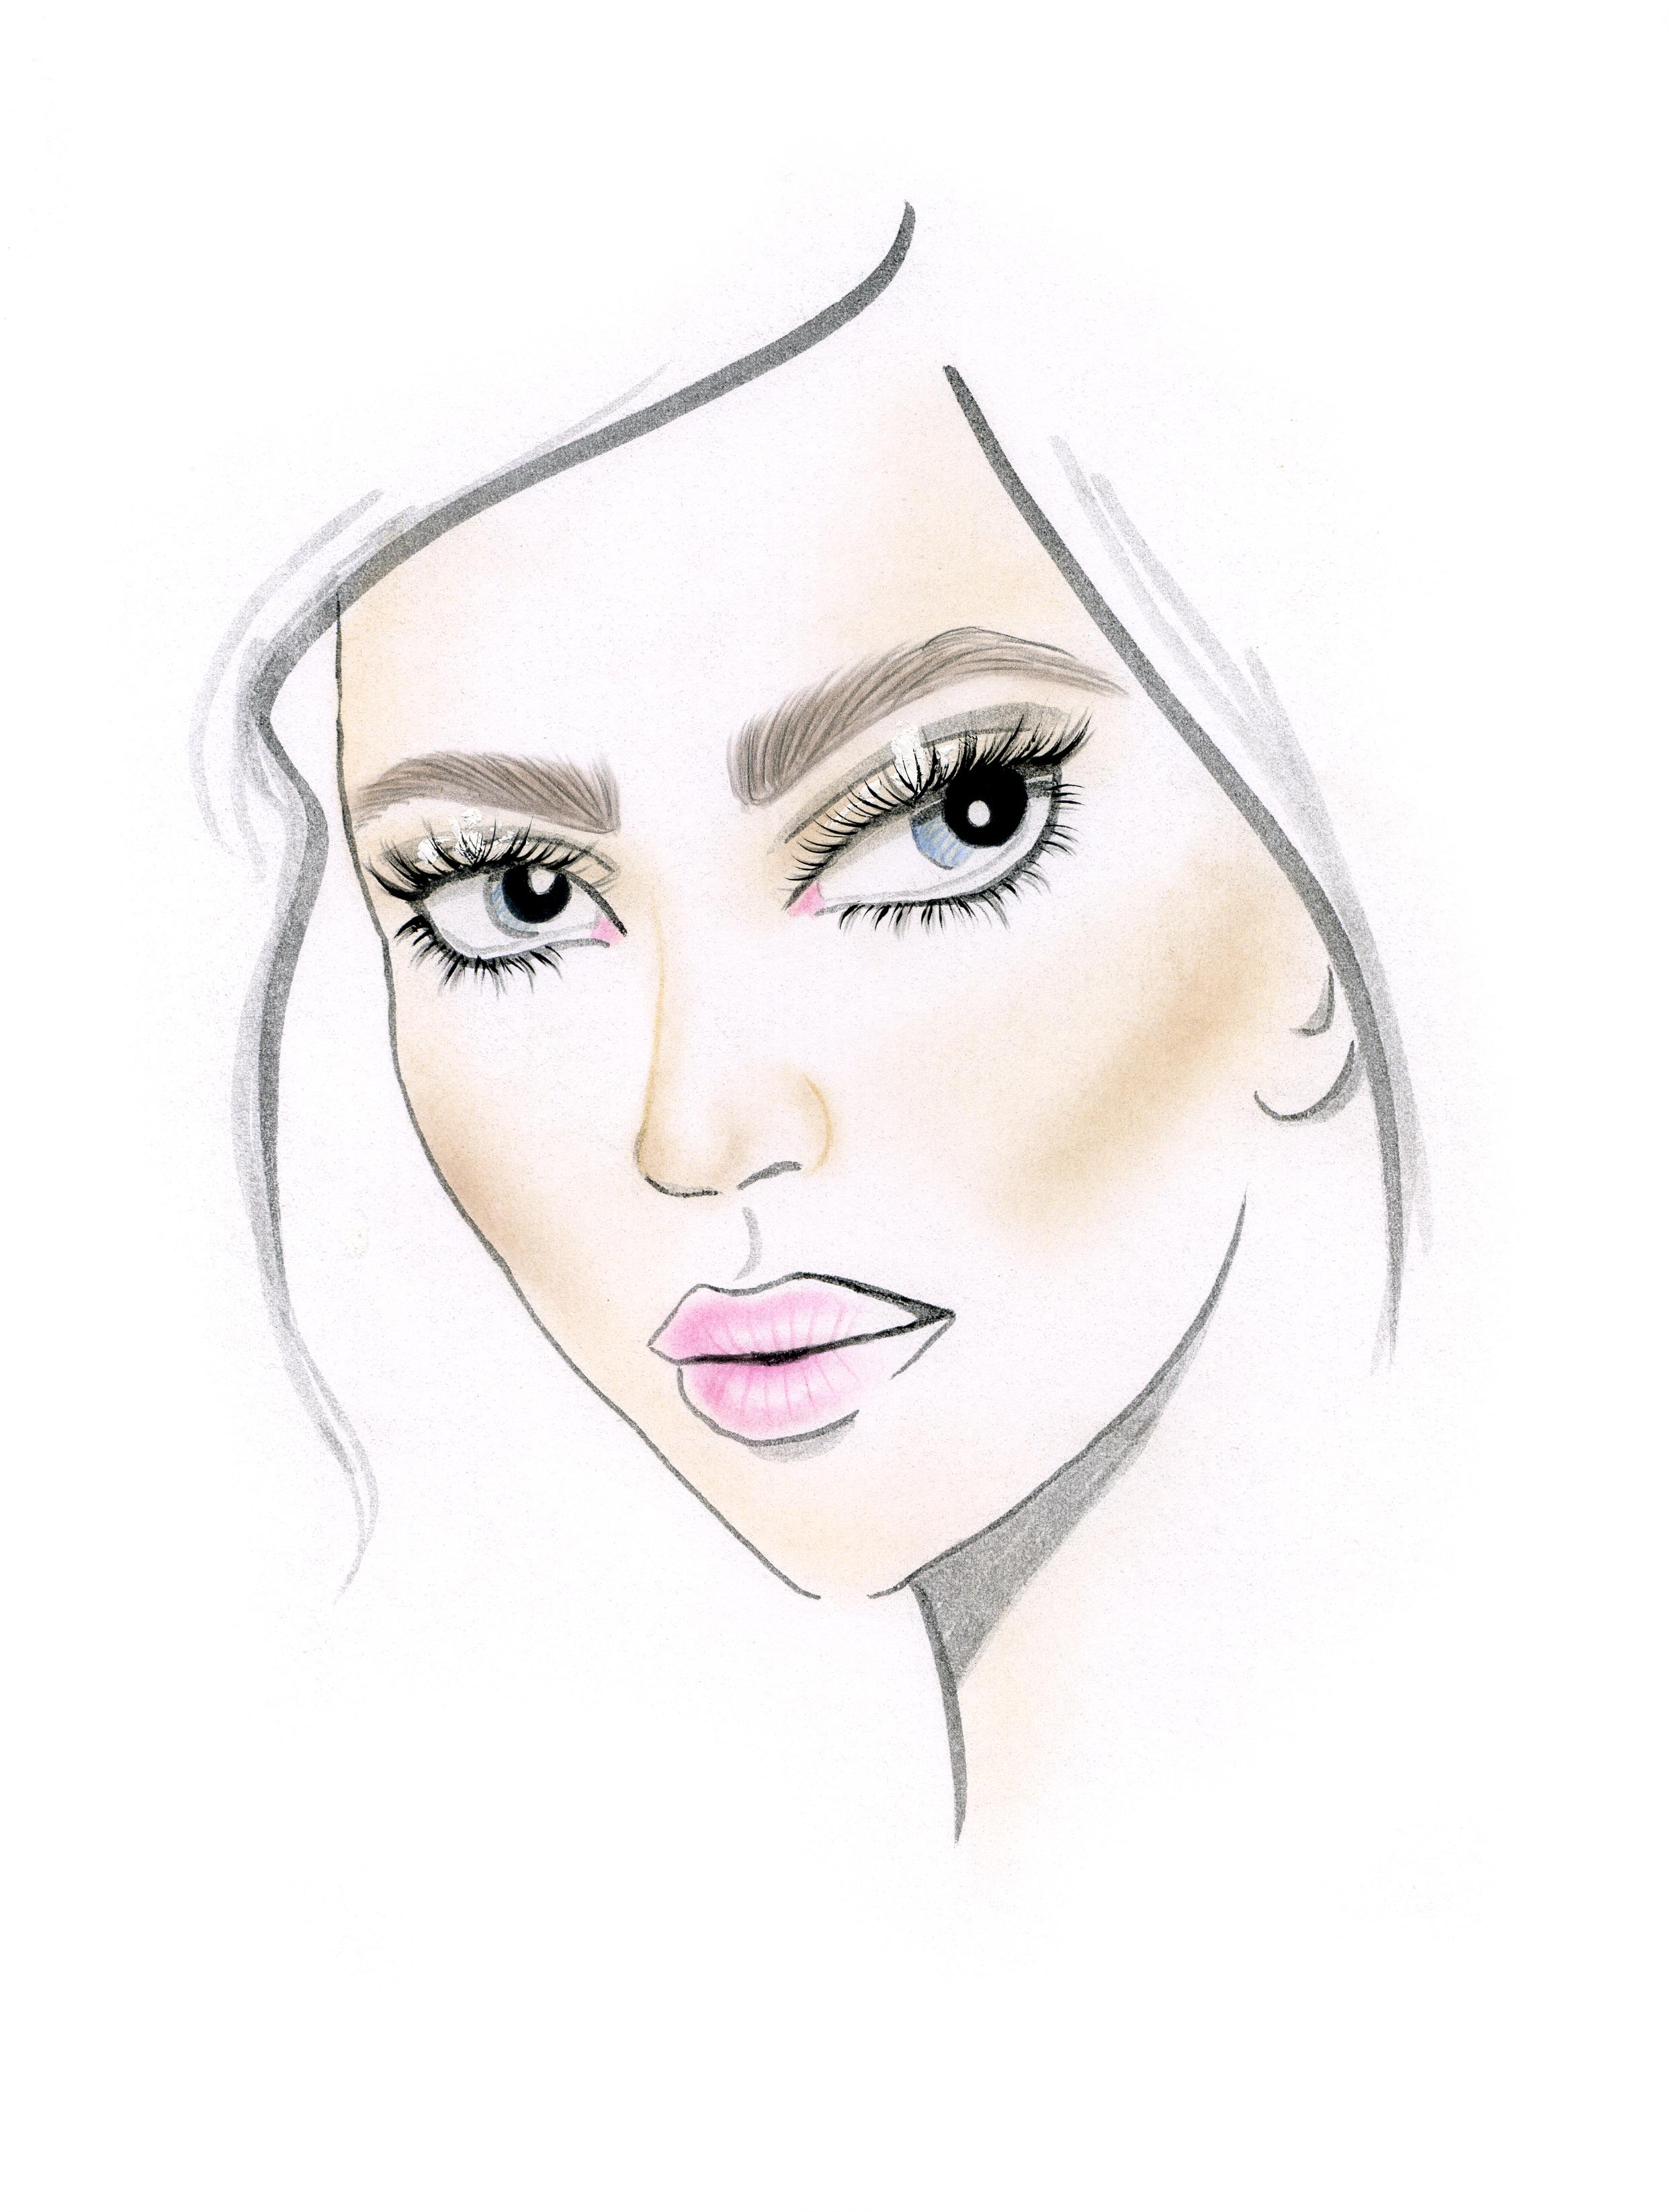 El Face Chart muestra un maquillaje con mucho foco en ojos, de hecho, se usaron dos máscaras. También está bien marcado el contorno.